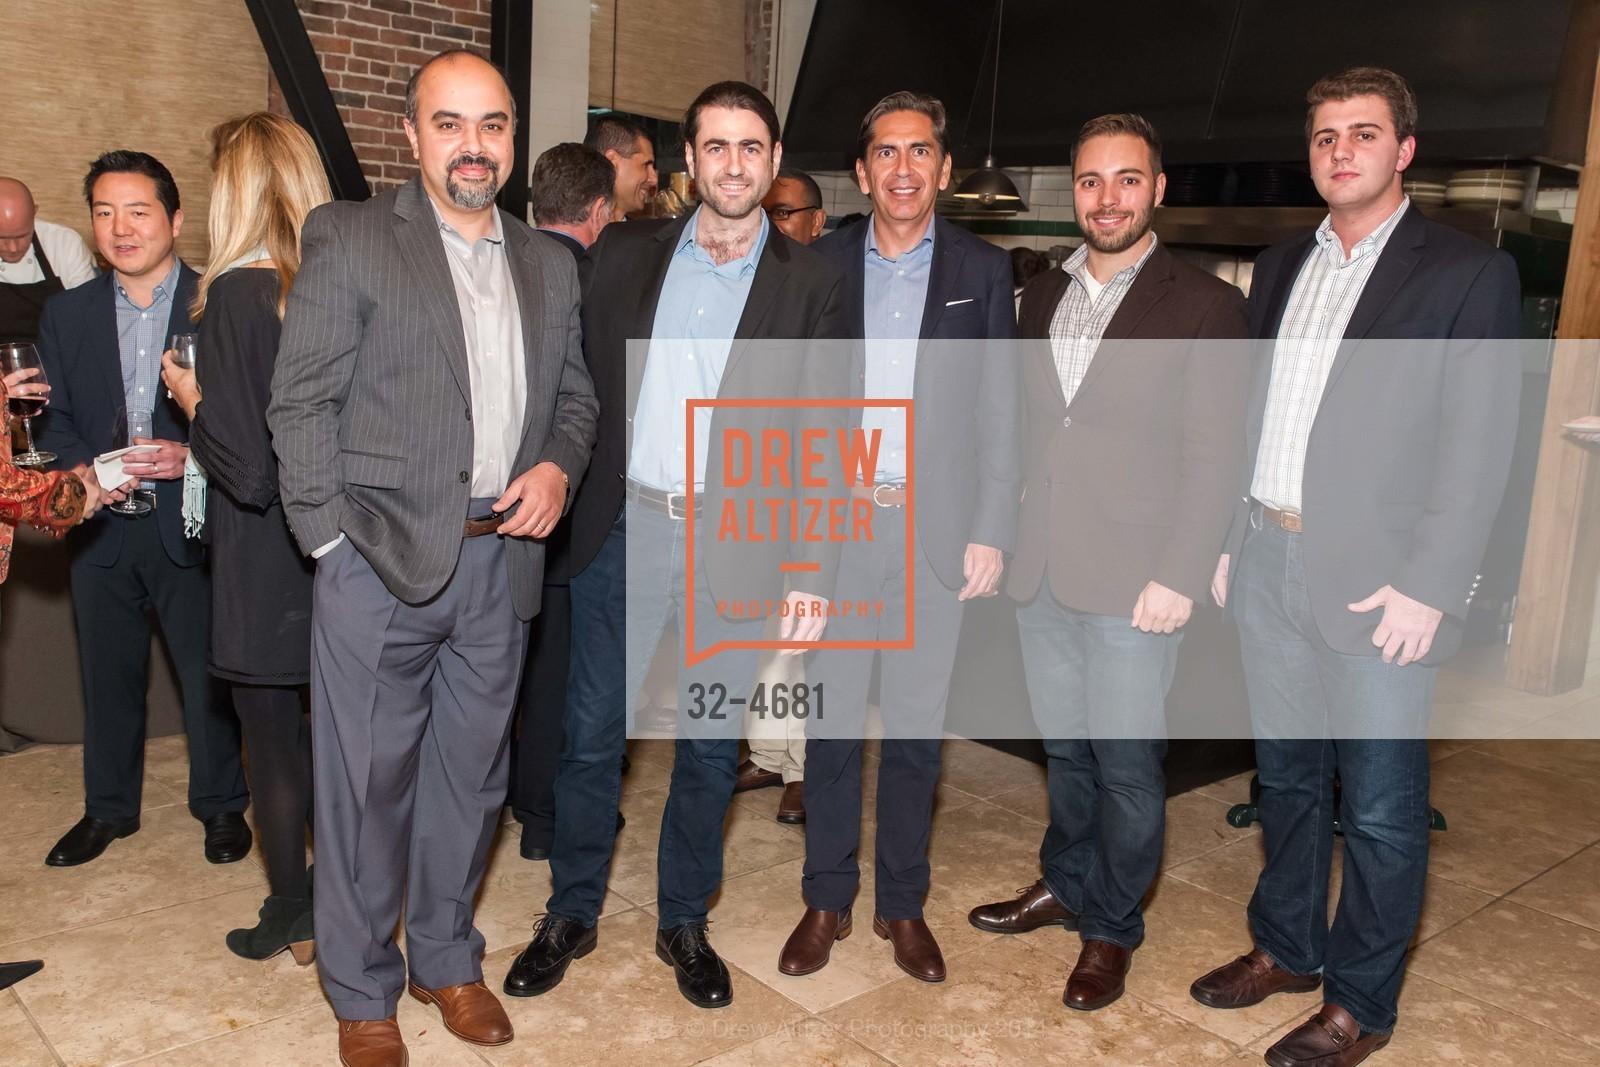 Sam Rehman, Yev Galper, Jorge Ruiz, Roko Sinovcic, Photo #32-4681